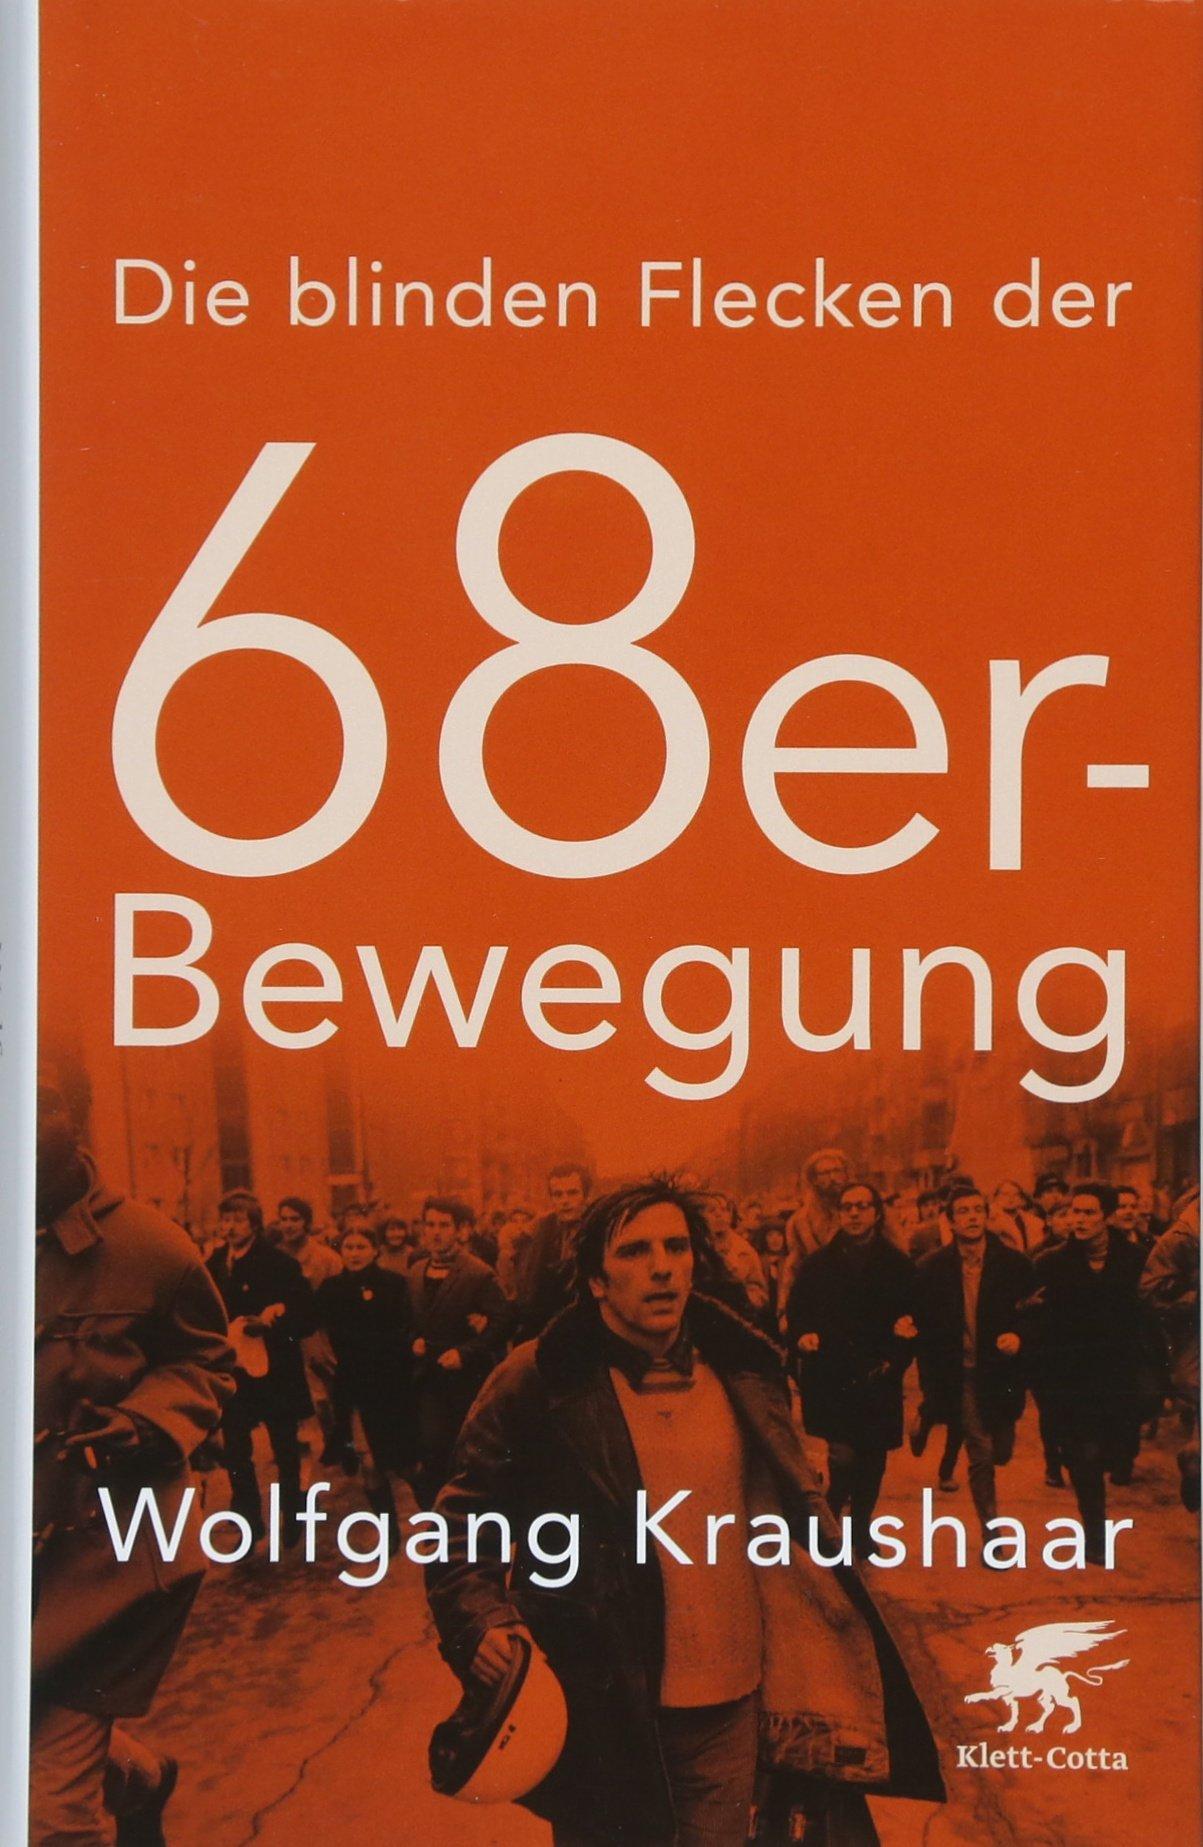 Die blinden Flecken der 68er Bewegung Gebundenes Buch – 31. Mai 2018 Wolfgang Kraushaar Klett-Cotta 3608981411 Deutschland